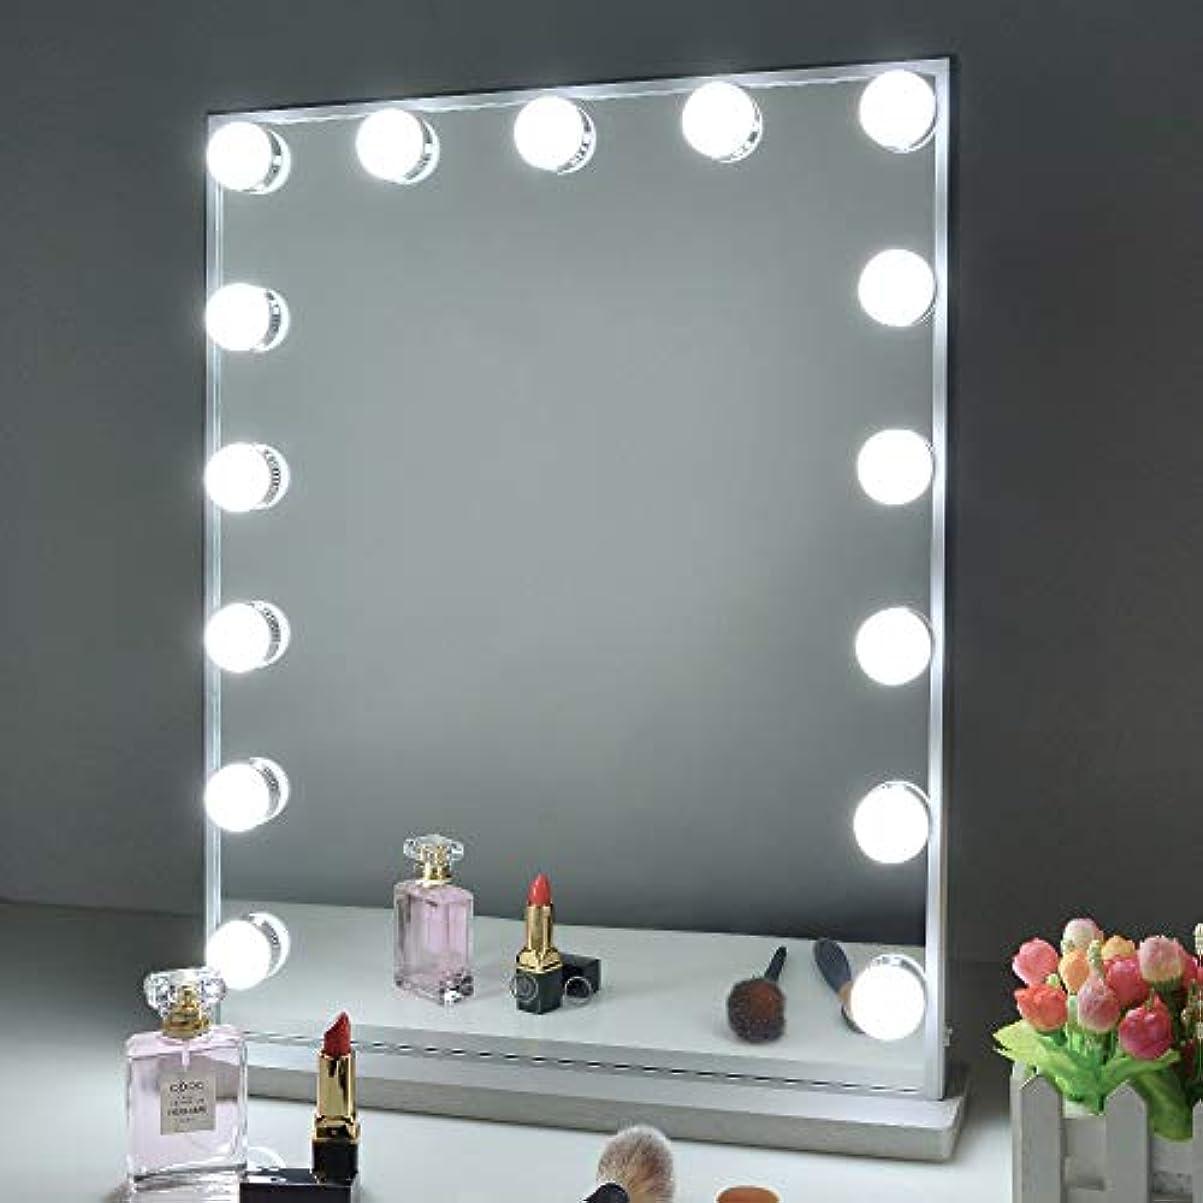 鼻アイザックバケットWonstart 女優ミラー led化粧鏡 ハリウッドミラー 15個LED電球付き 寒色?暖色2色調光 明るさ調整可能 スタンド付き 卓上/壁掛け両用(シルバー)